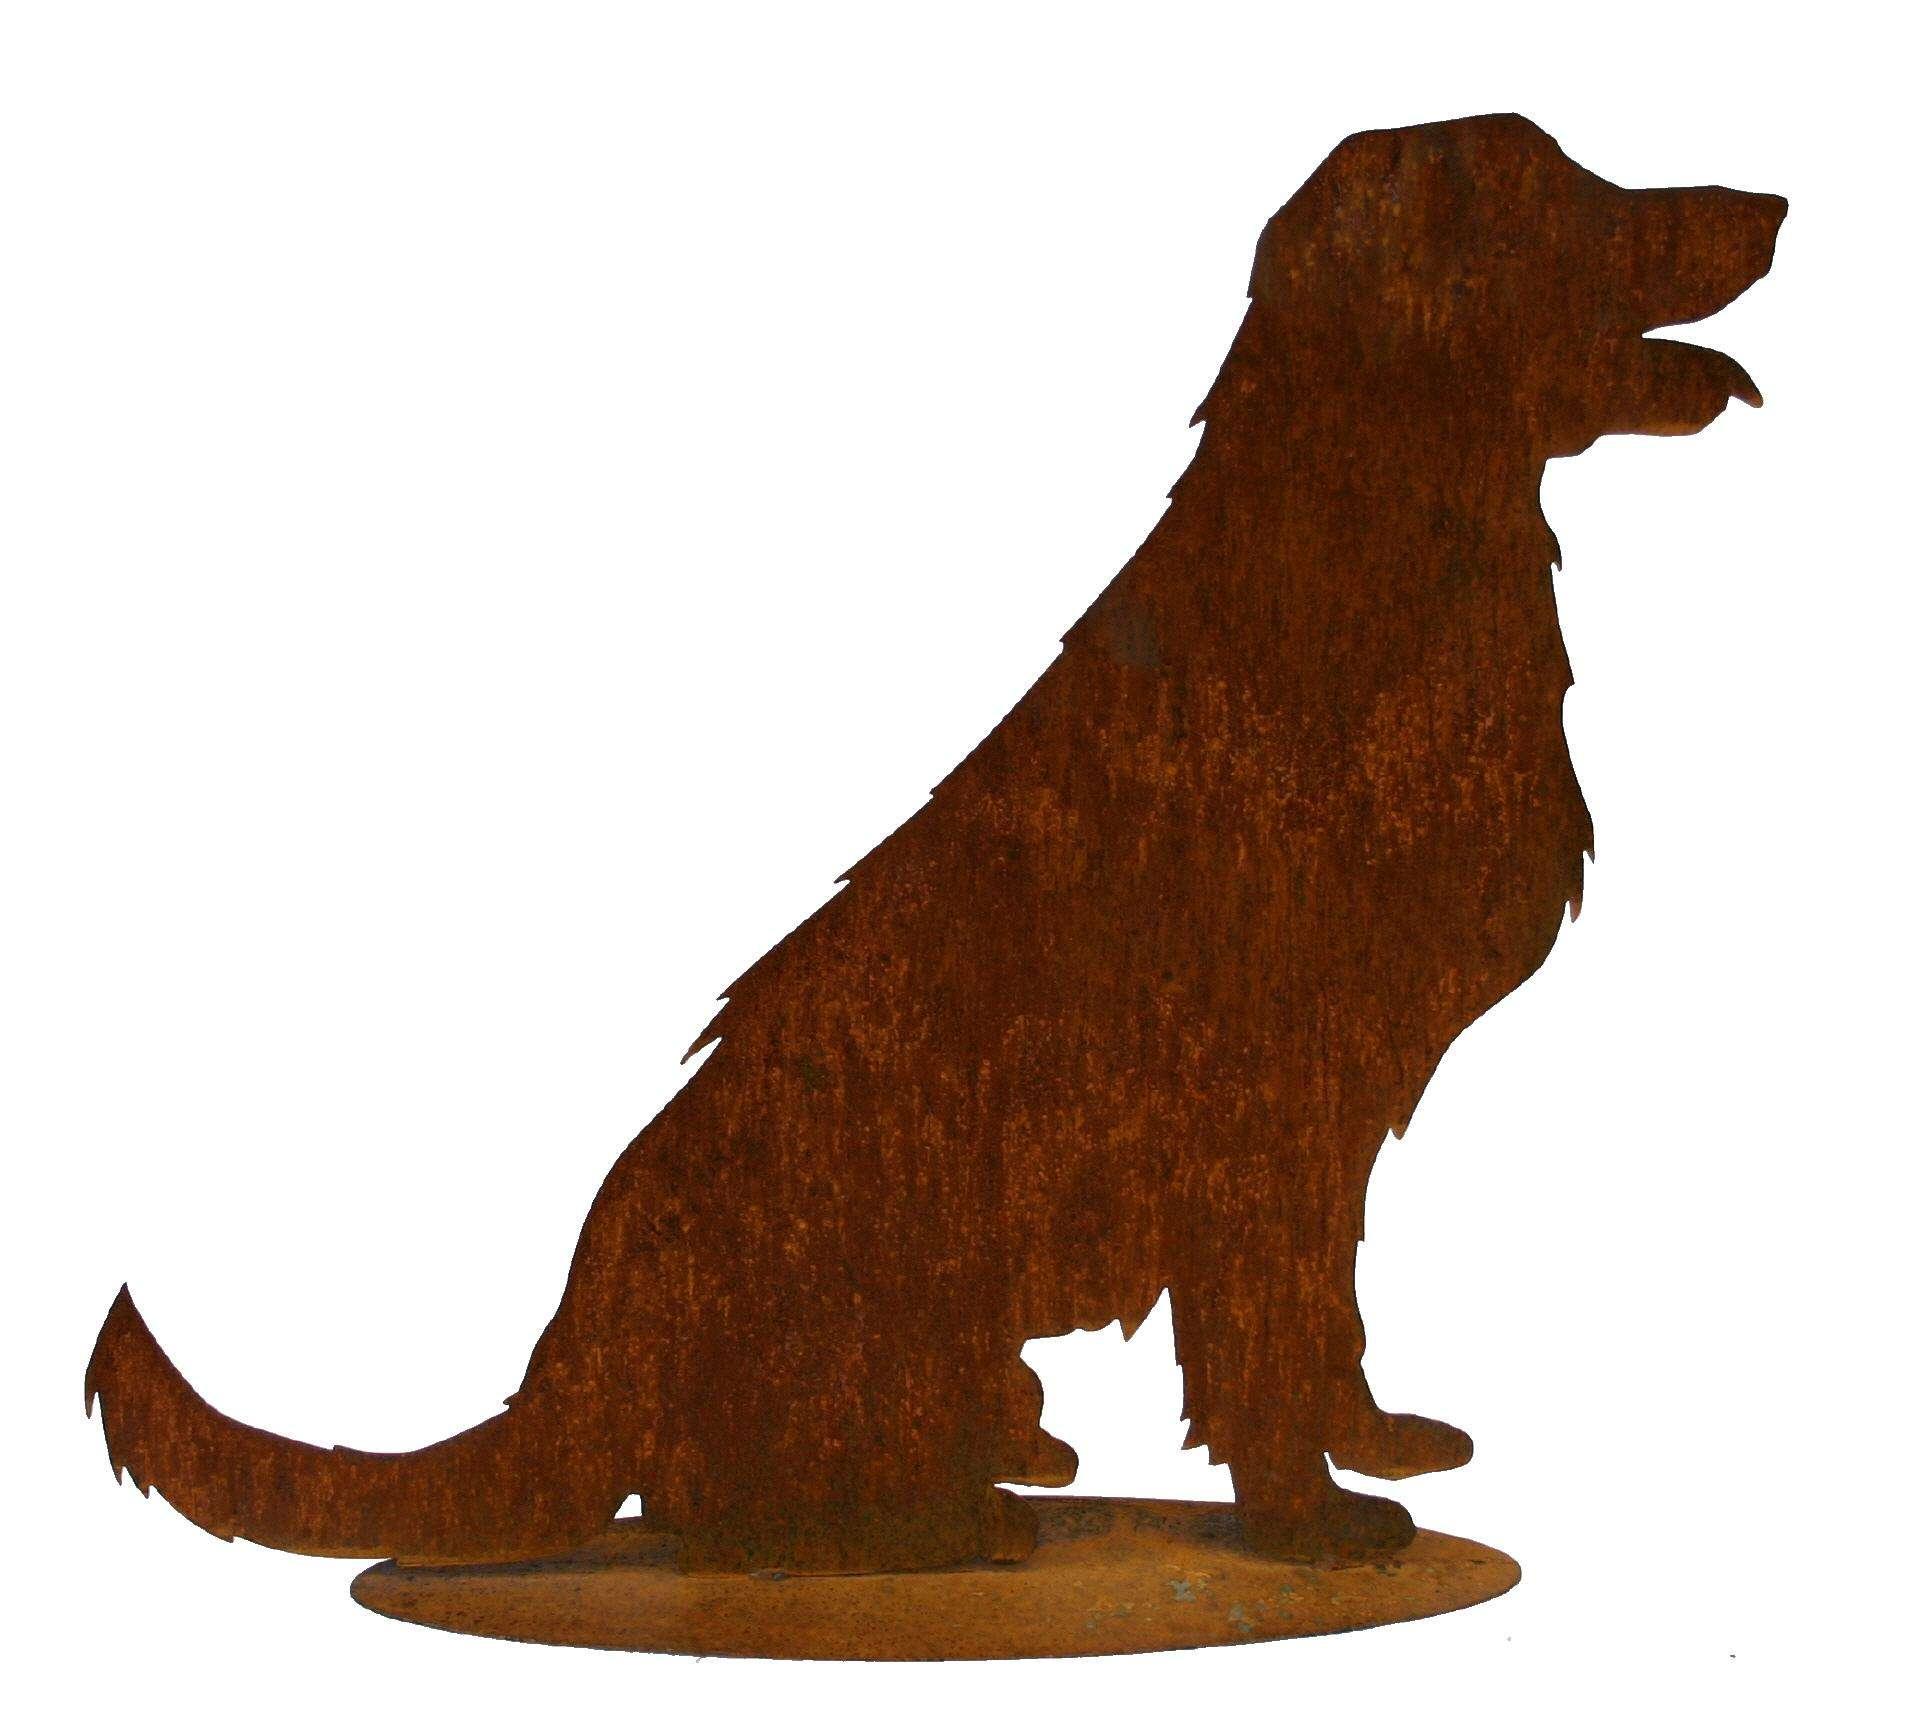 edelrostfigur hund sina 4702 1726 1280x1280 2x